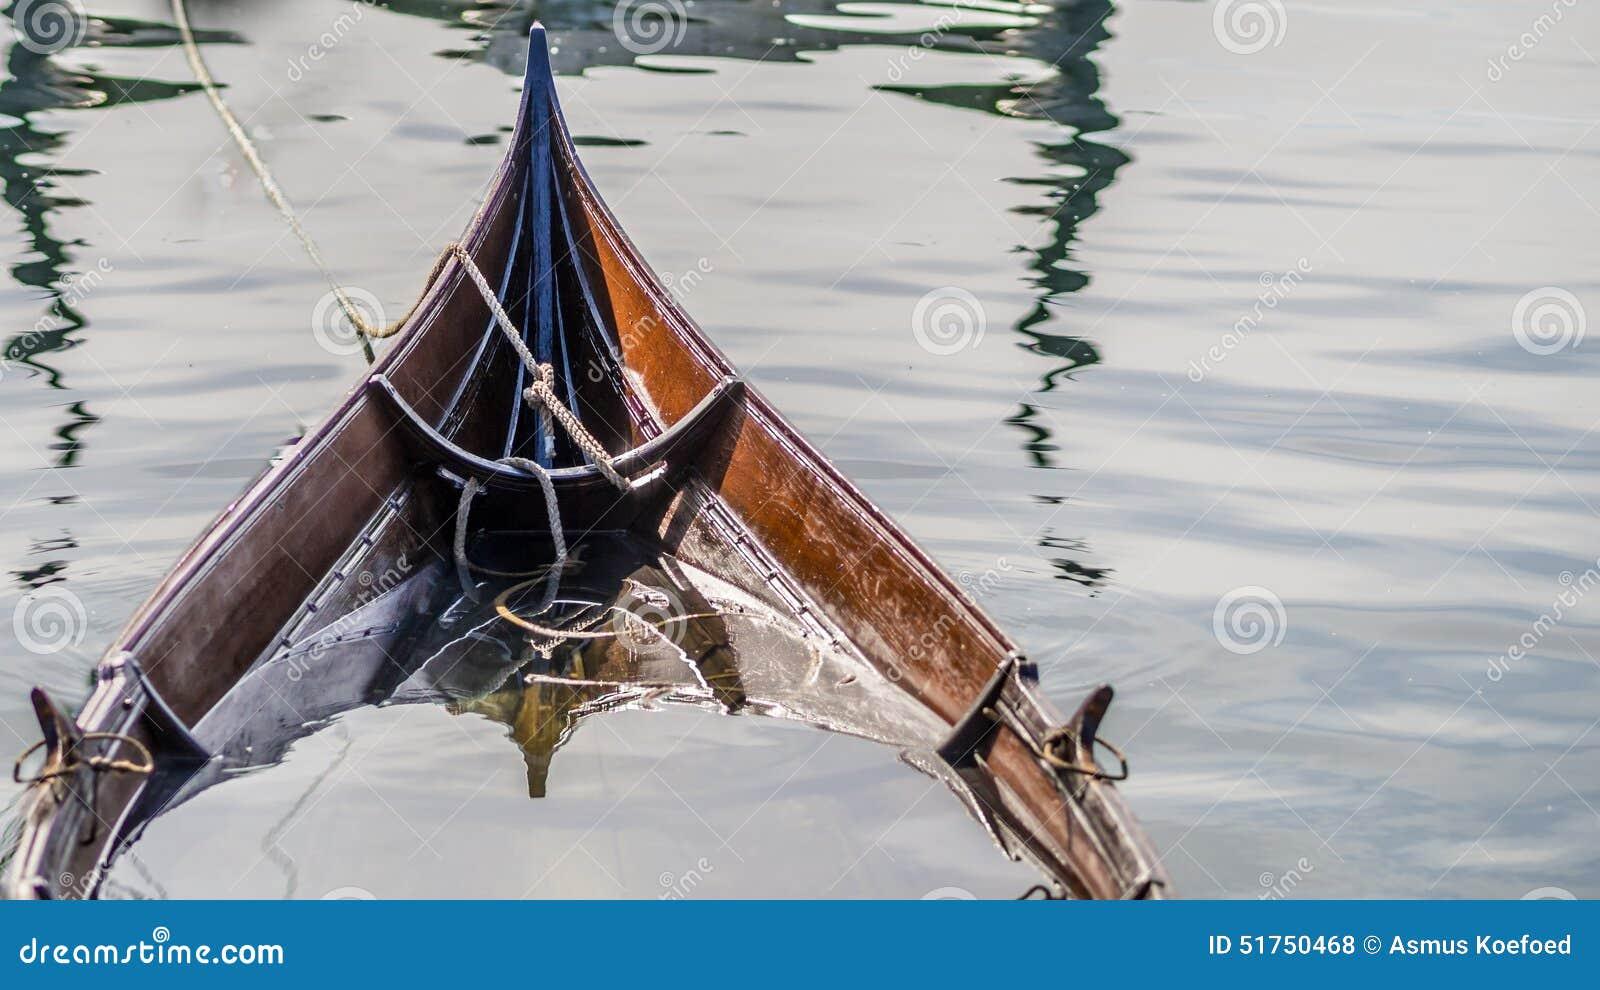 Sinking Viking Ship Like Boat Stock Photo - Image: 51750468